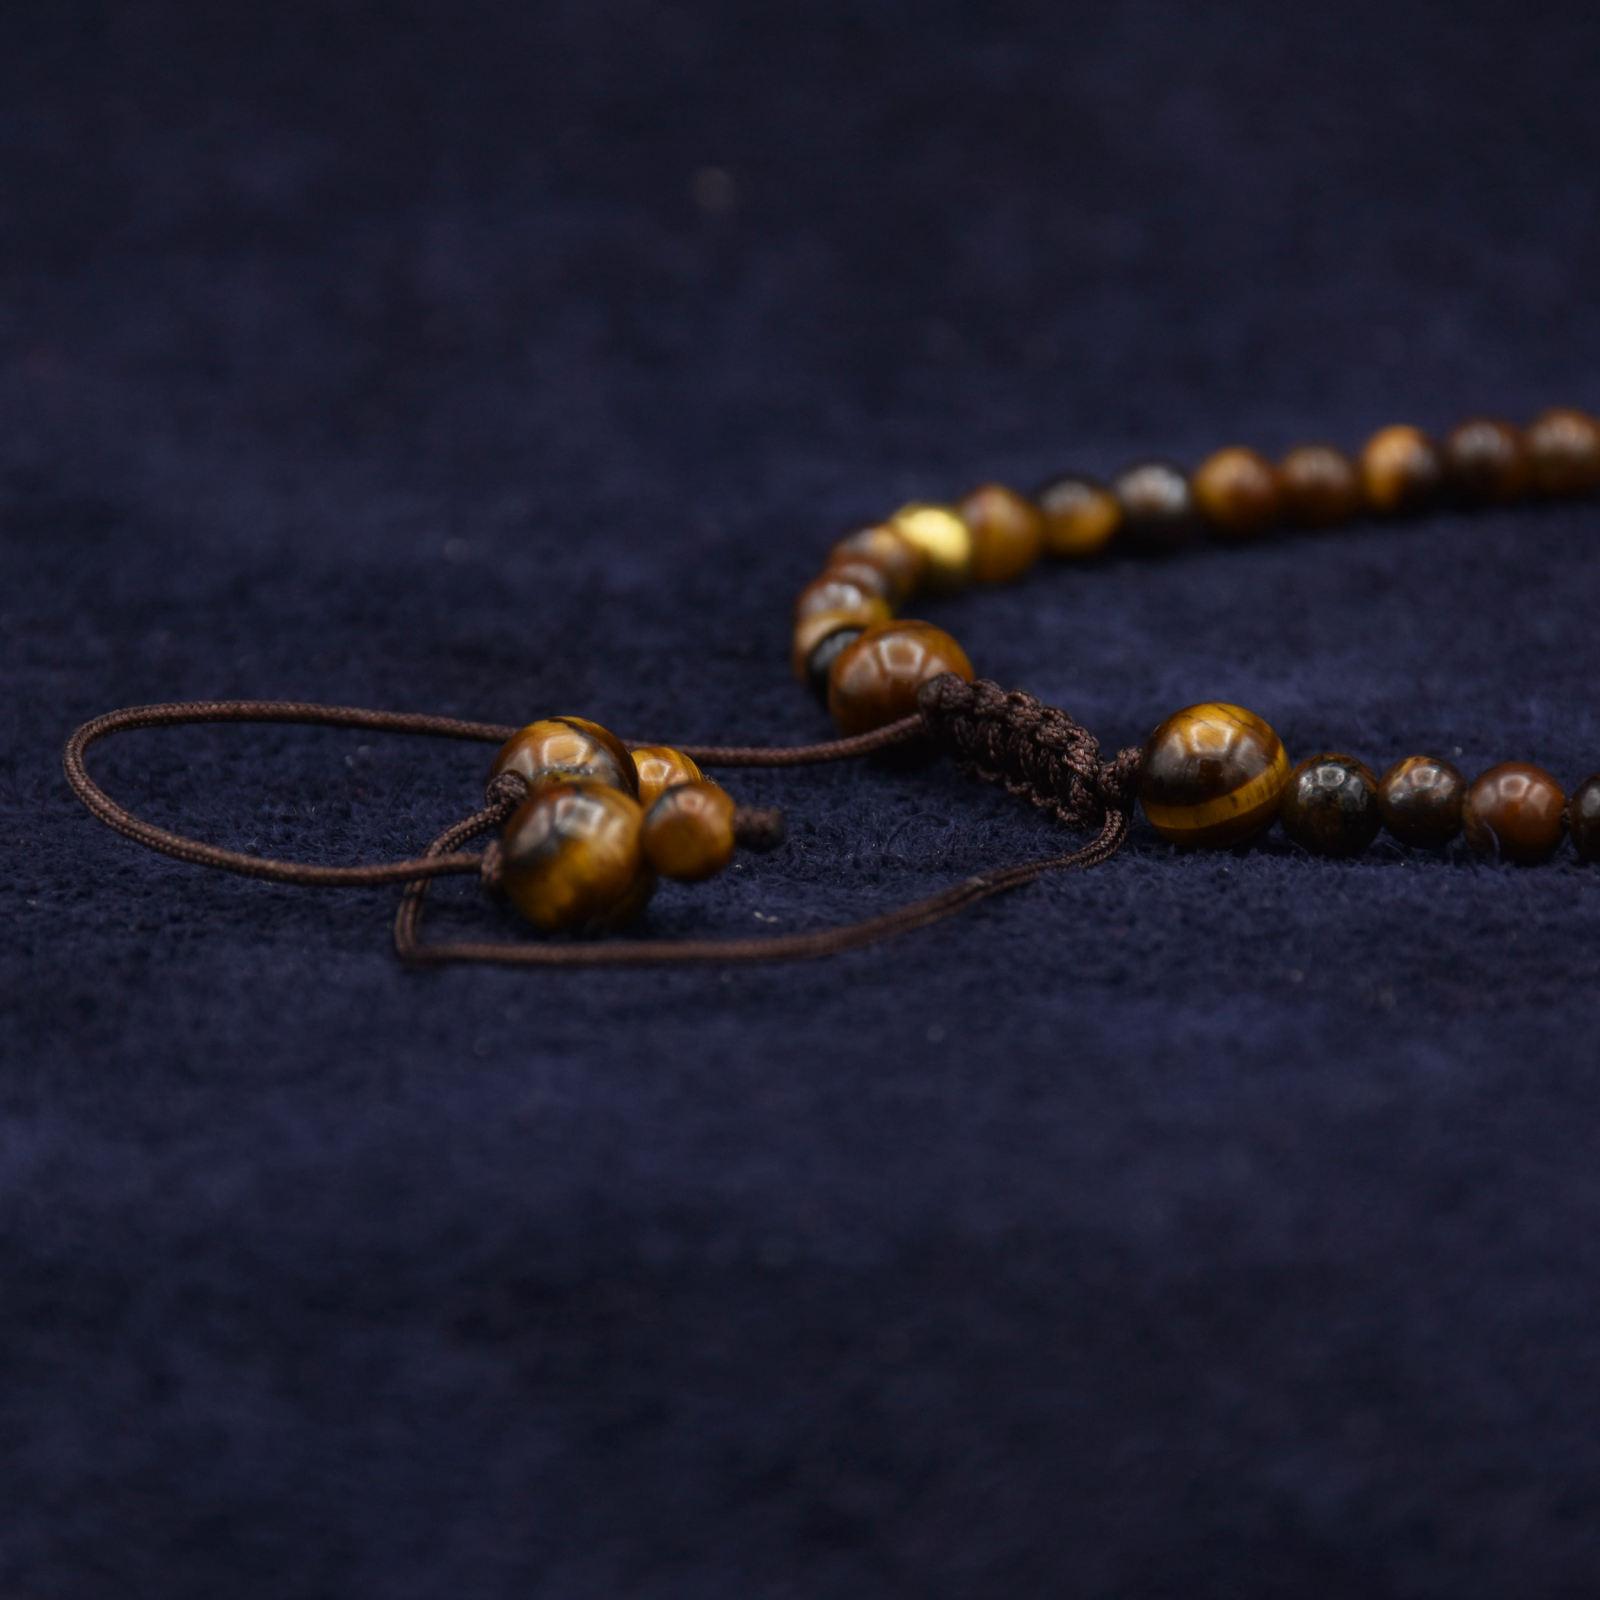 گردنبند طلا 18 عیار زنانه آمانژ کد 895D3385 -  - 4